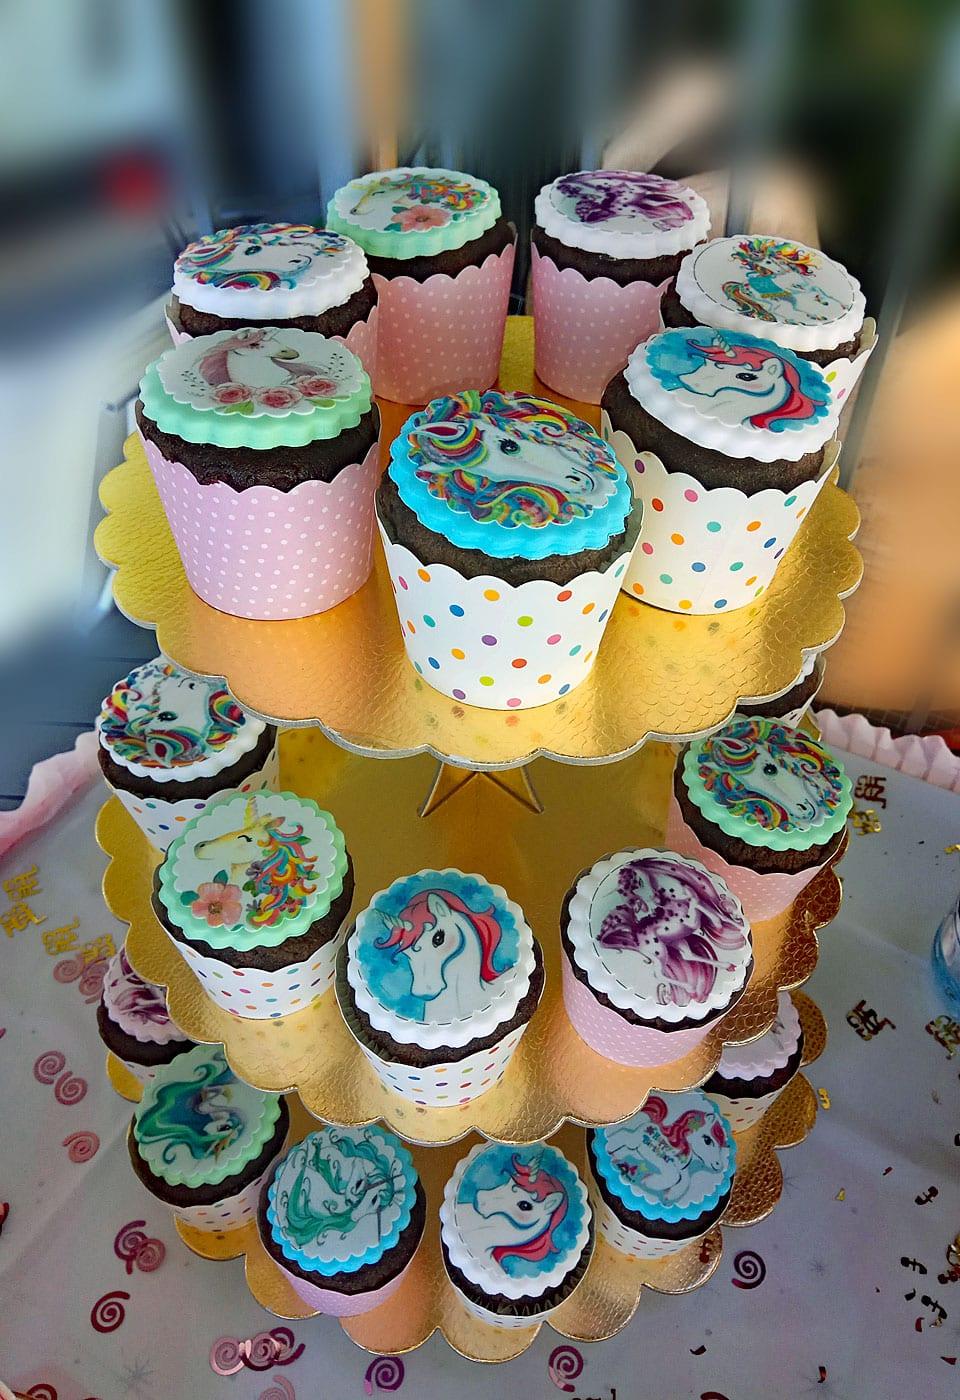 קפקייקס לאלילנד עוגות קטנות ומטריפות